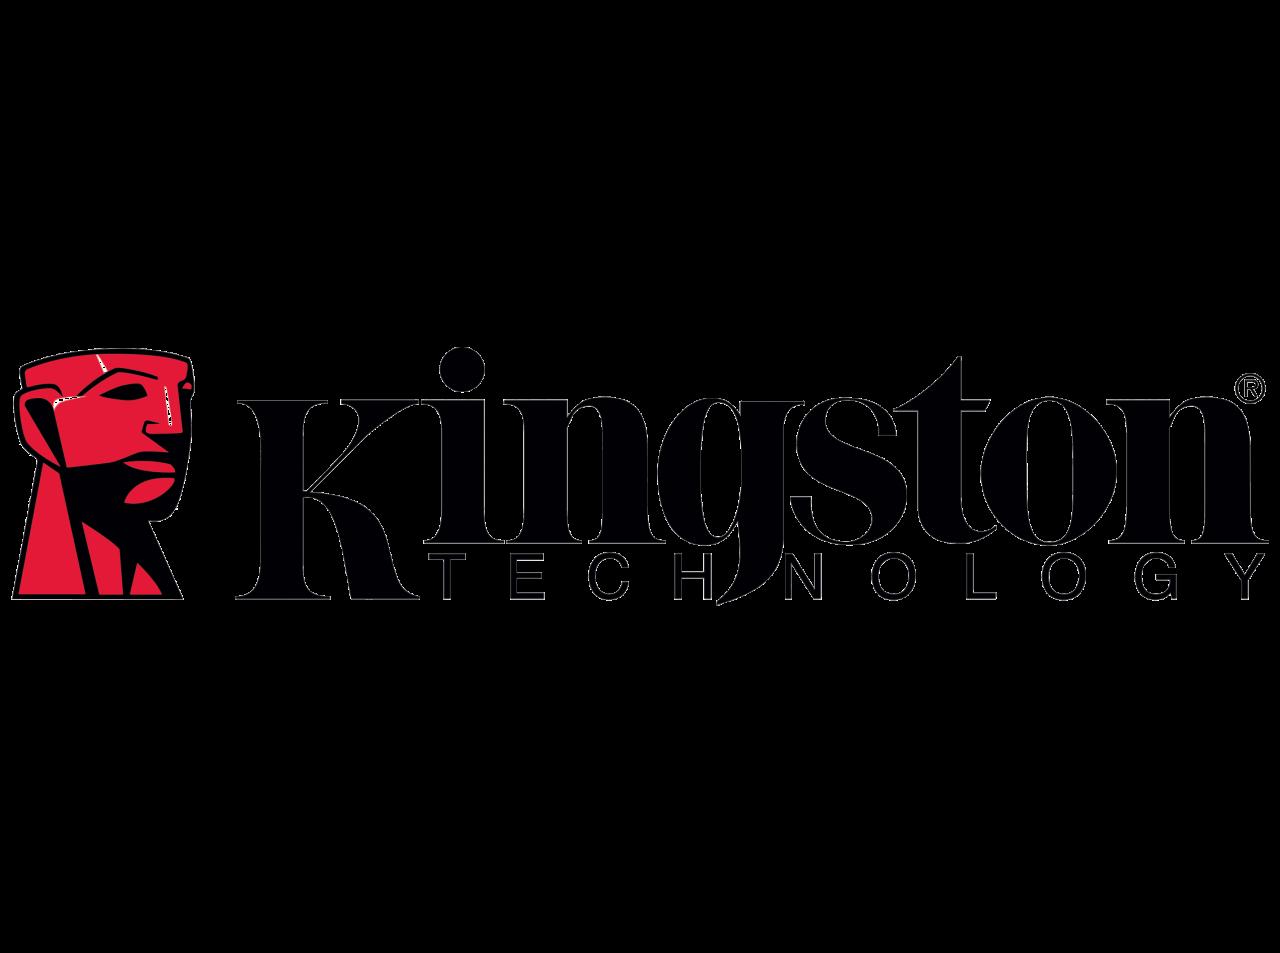 kingston final logo